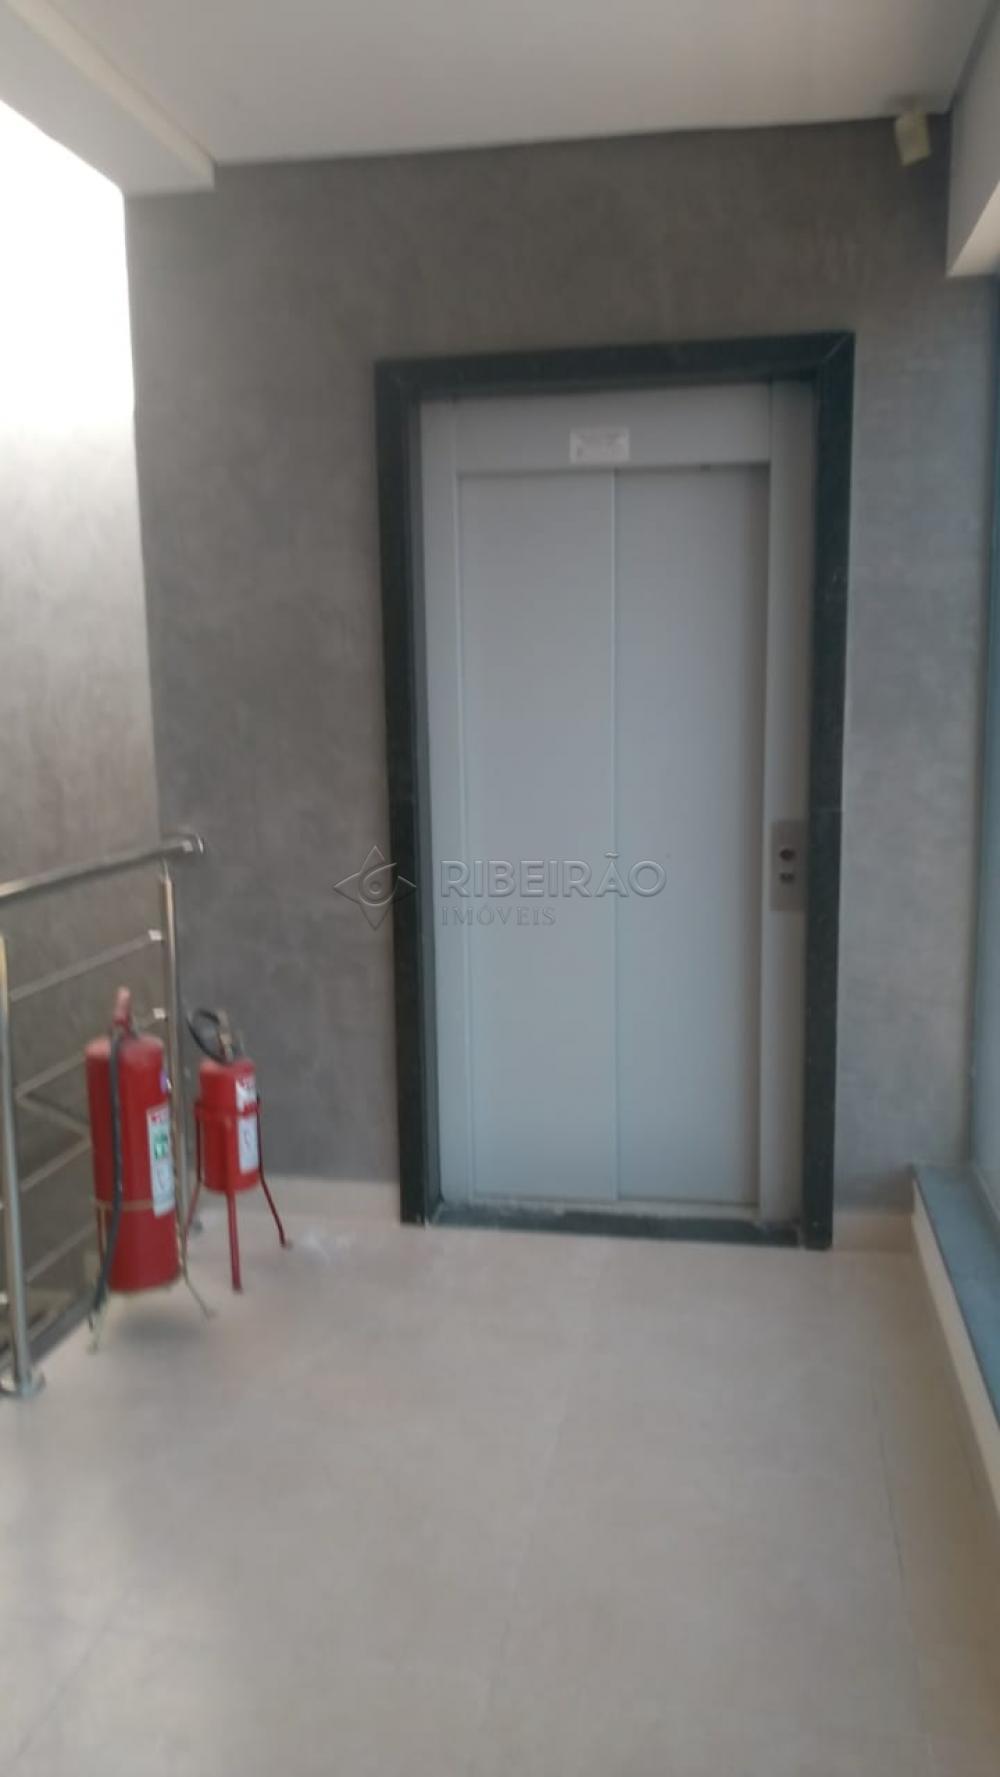 Alugar Comercial / Prédio em Ribeirão Preto R$ 12.000,00 - Foto 4